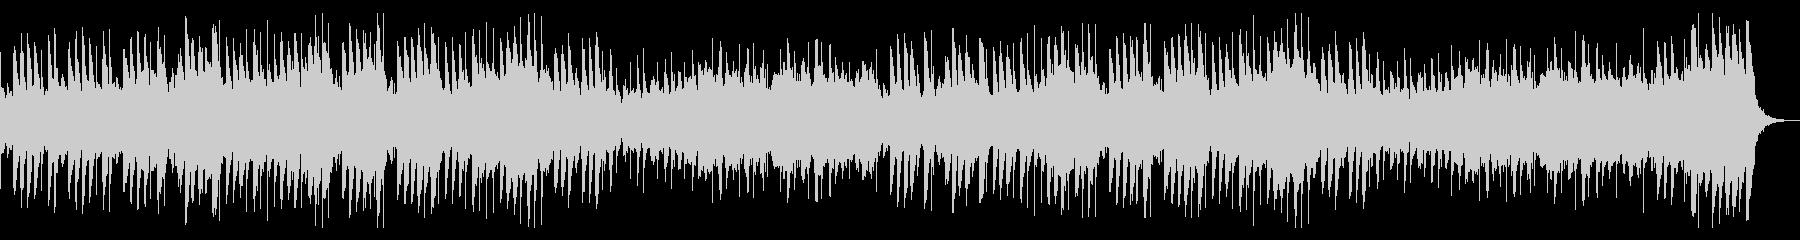 ダーク、ホラー向けハープとストリングスの未再生の波形